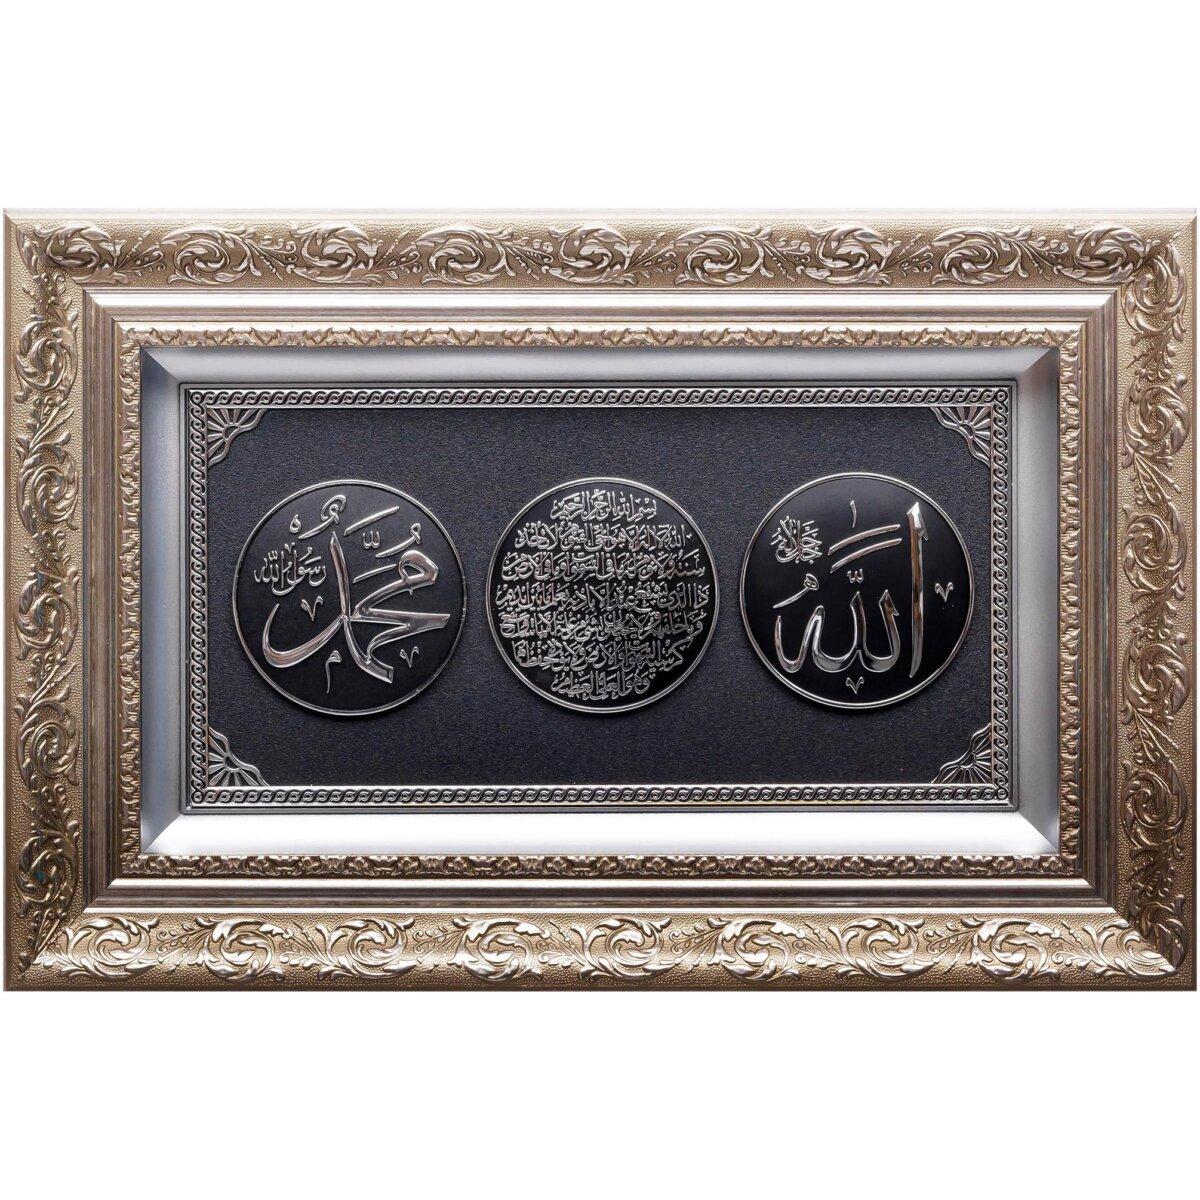 36x56CM Ayetel Kürsi- Esmaül Hüsna Yazılı Dini Tablo Ayetli Tablolar